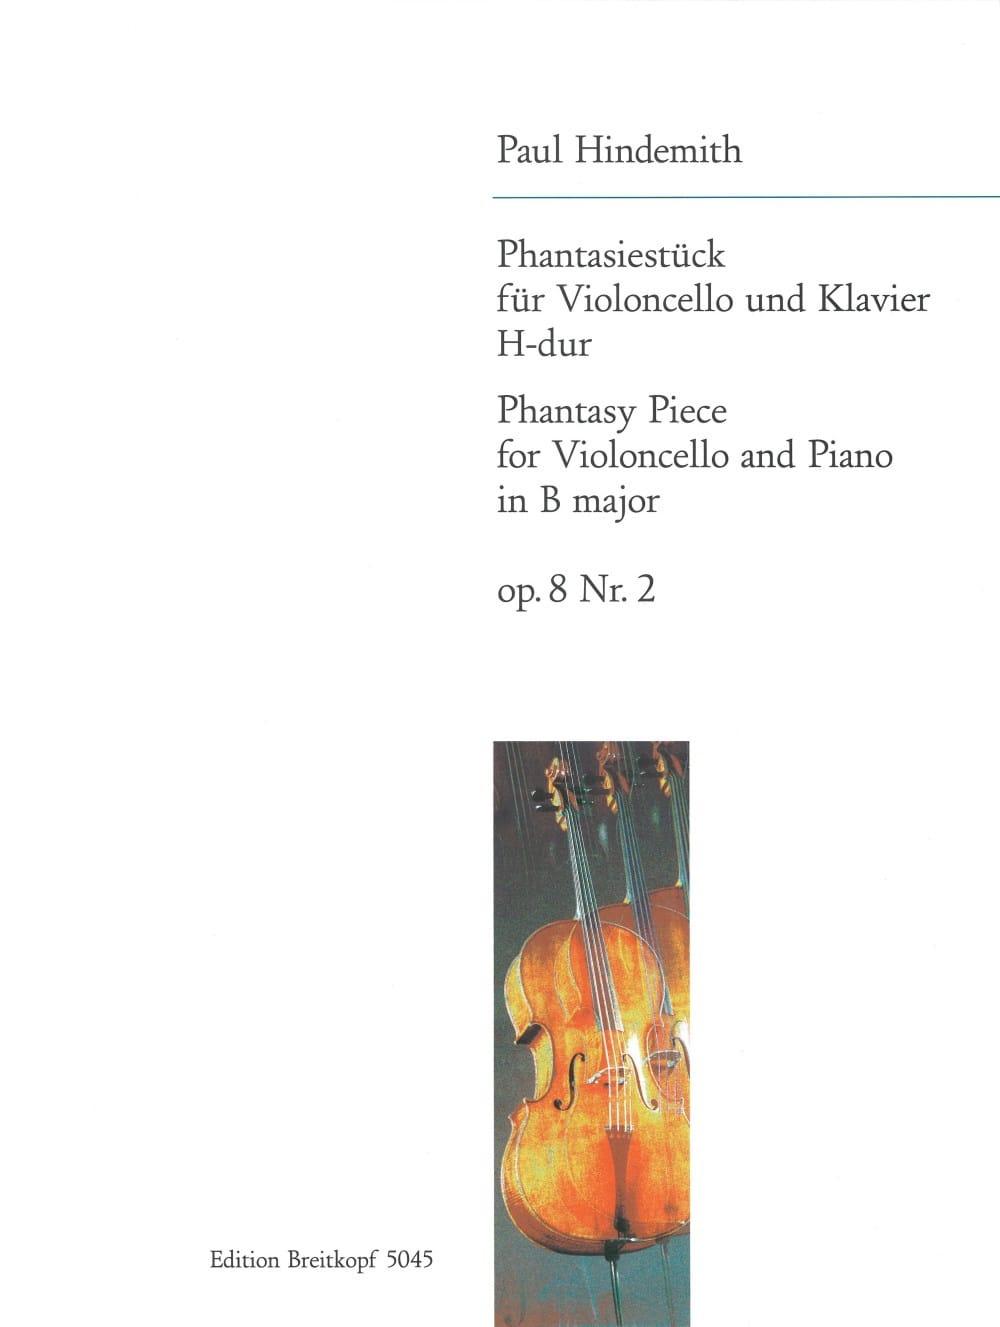 Phantasiestück H-Dur, op. 8 n° 2 - HINDEMITH - laflutedepan.com